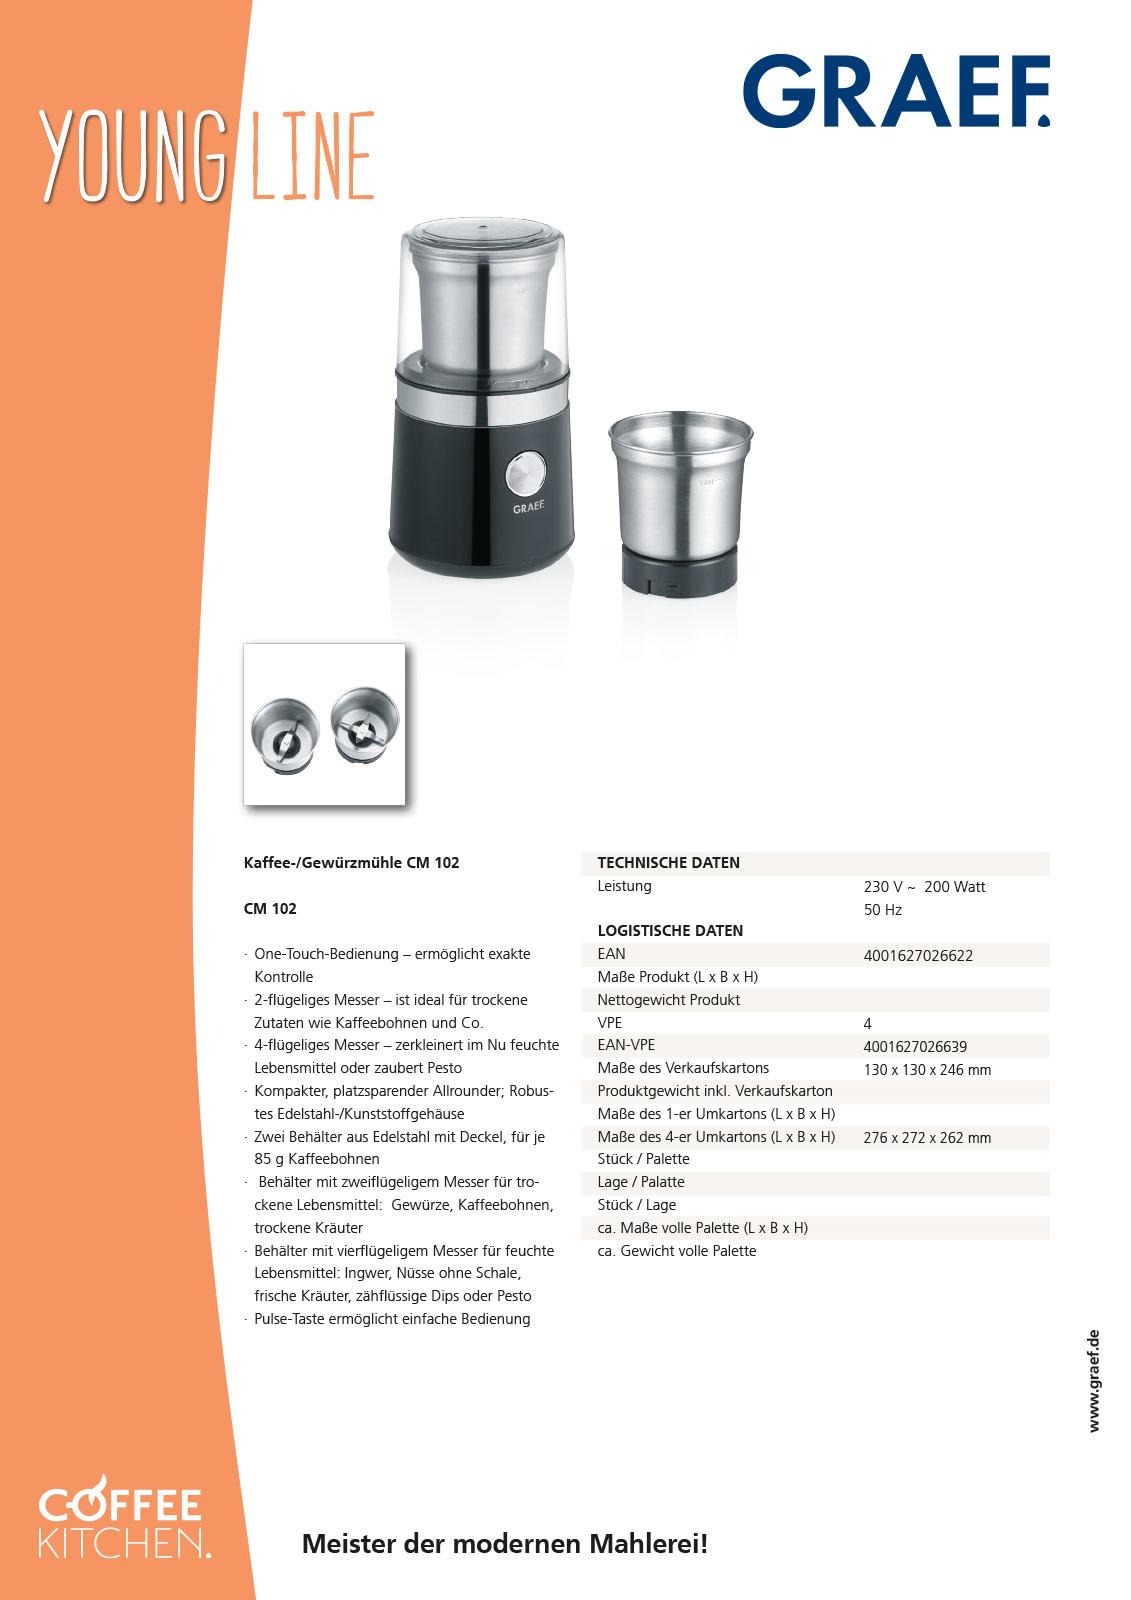 Mühle CM102 von GRAEF Produktblatt